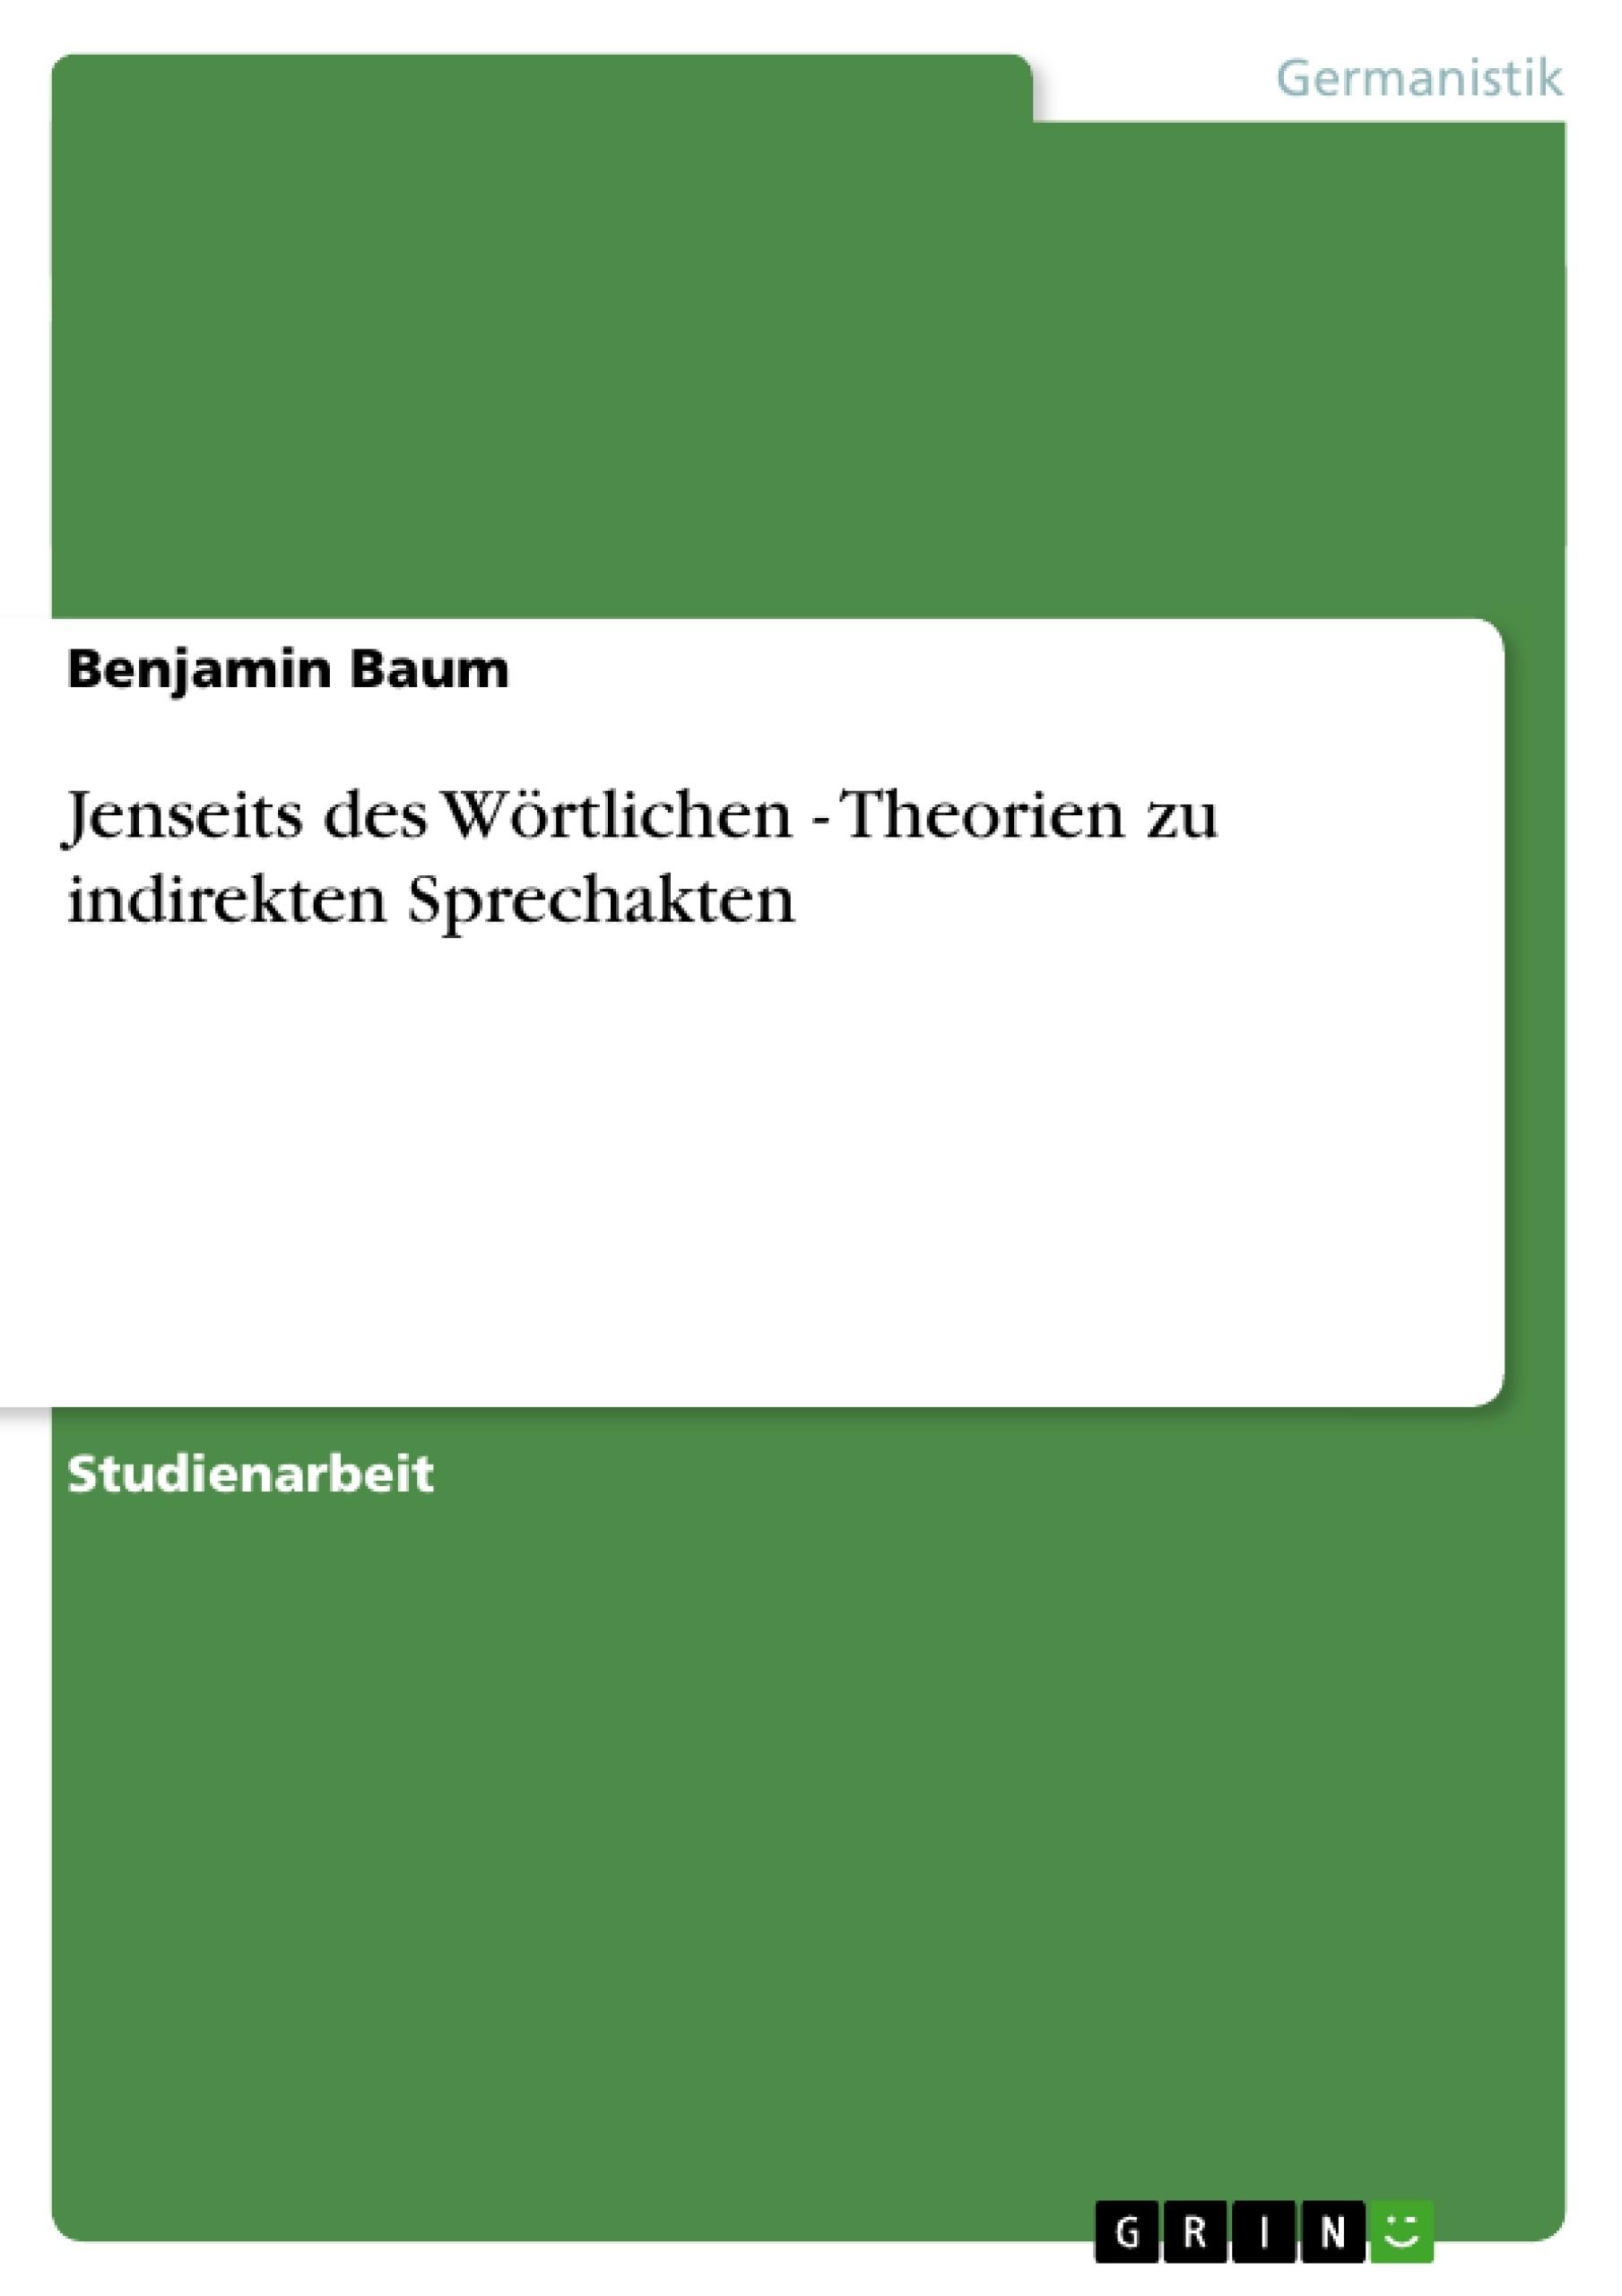 Titel: Jenseits des Wörtlichen - Theorien zu indirekten Sprechakten